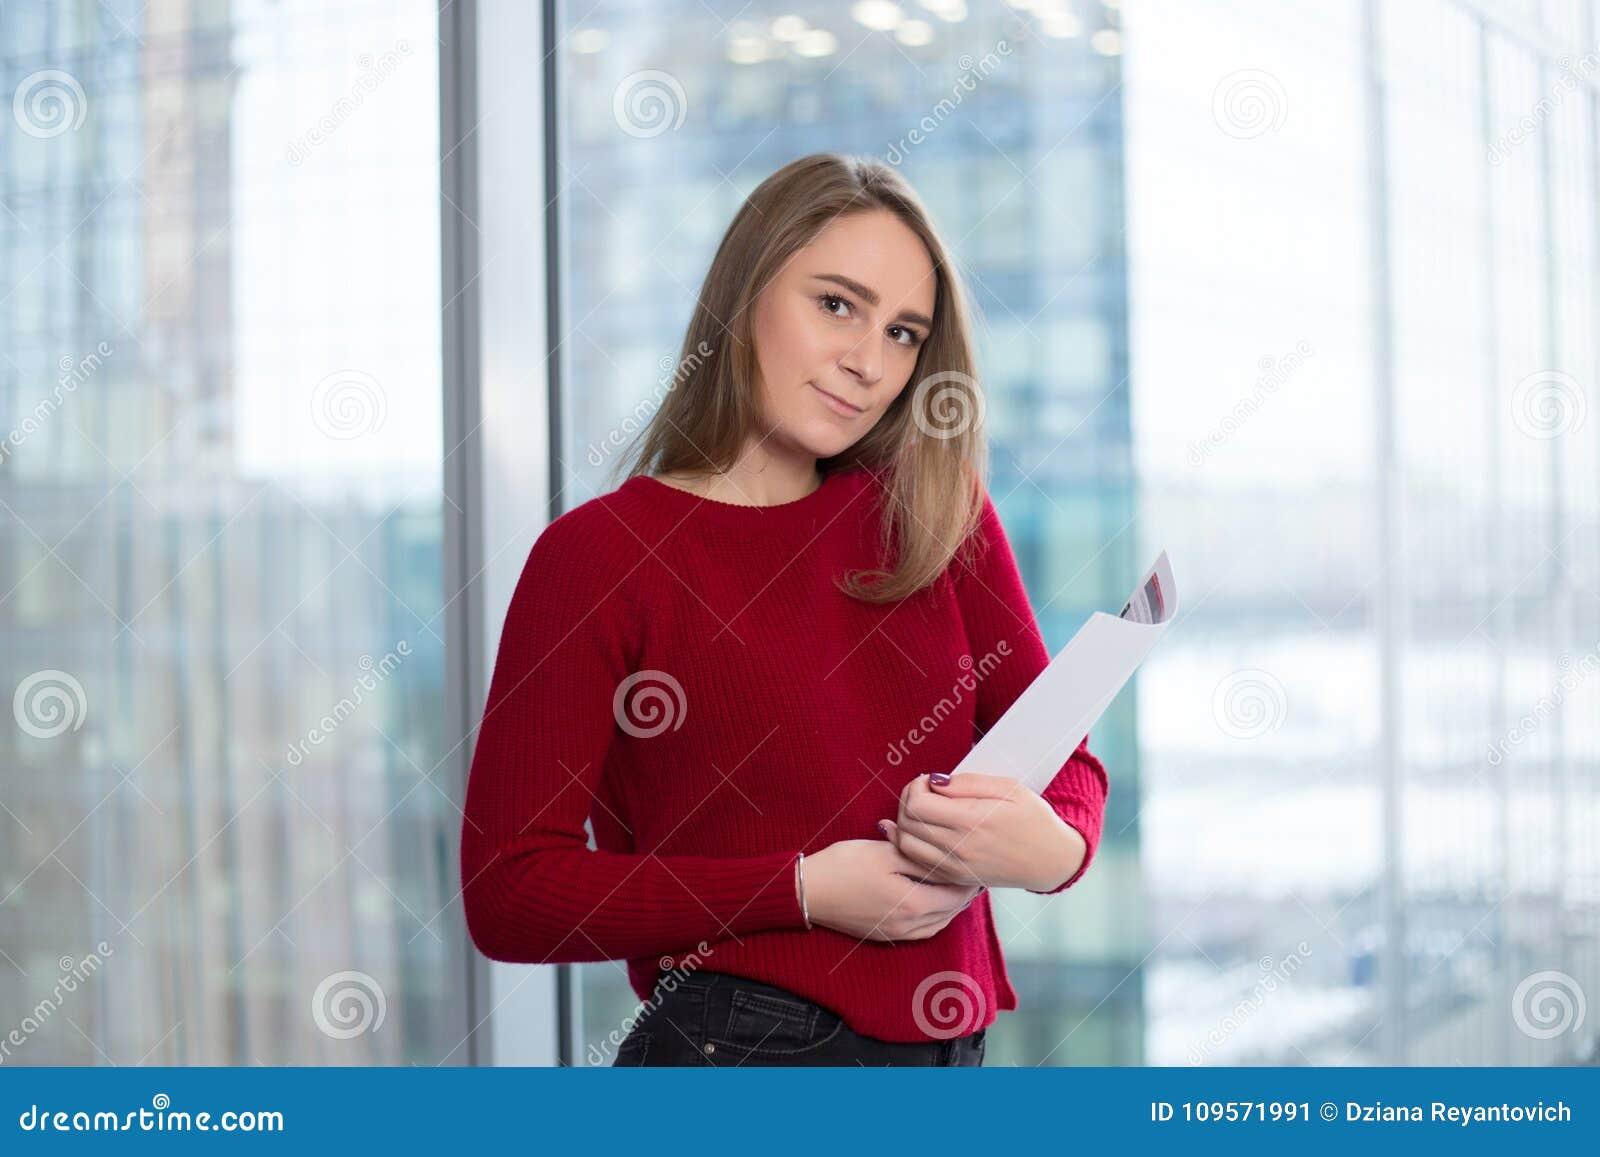 Девушка дела на окне с читать бумаг утеха в решениях подписание согласования и соглашаться с партнерами